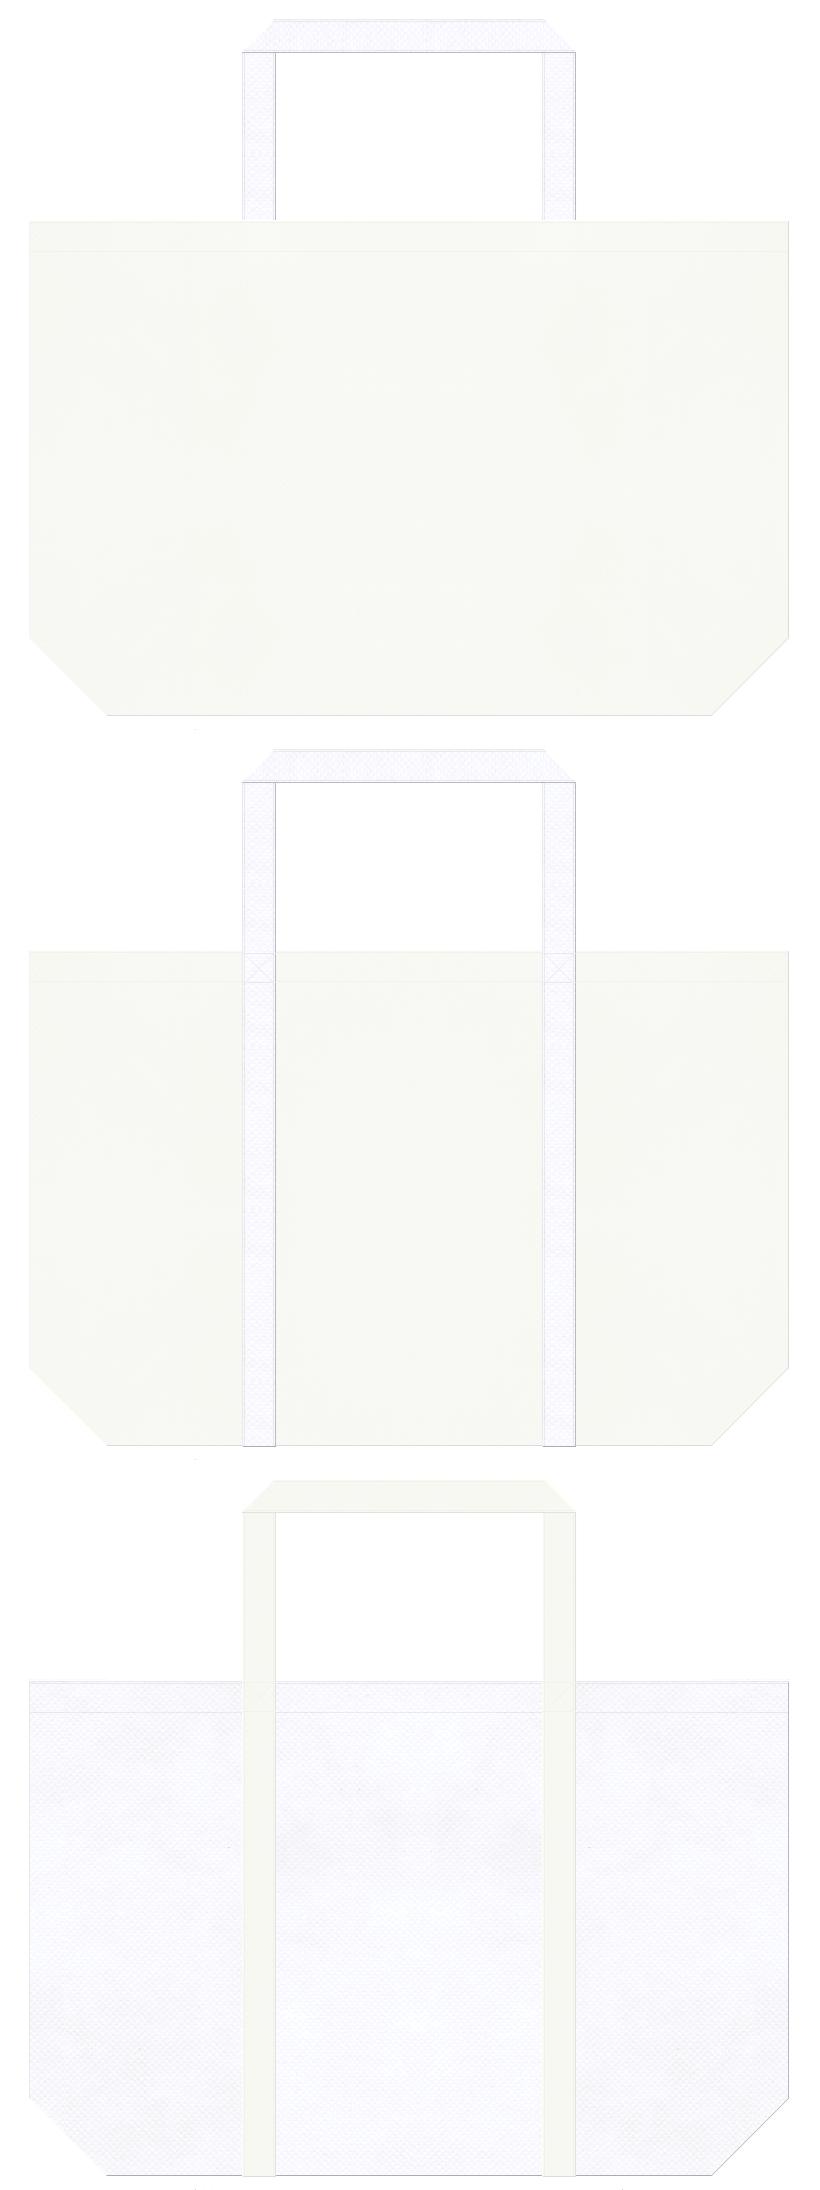 オフホワイト色と白色の不織布ショッピングバッグのデザイン